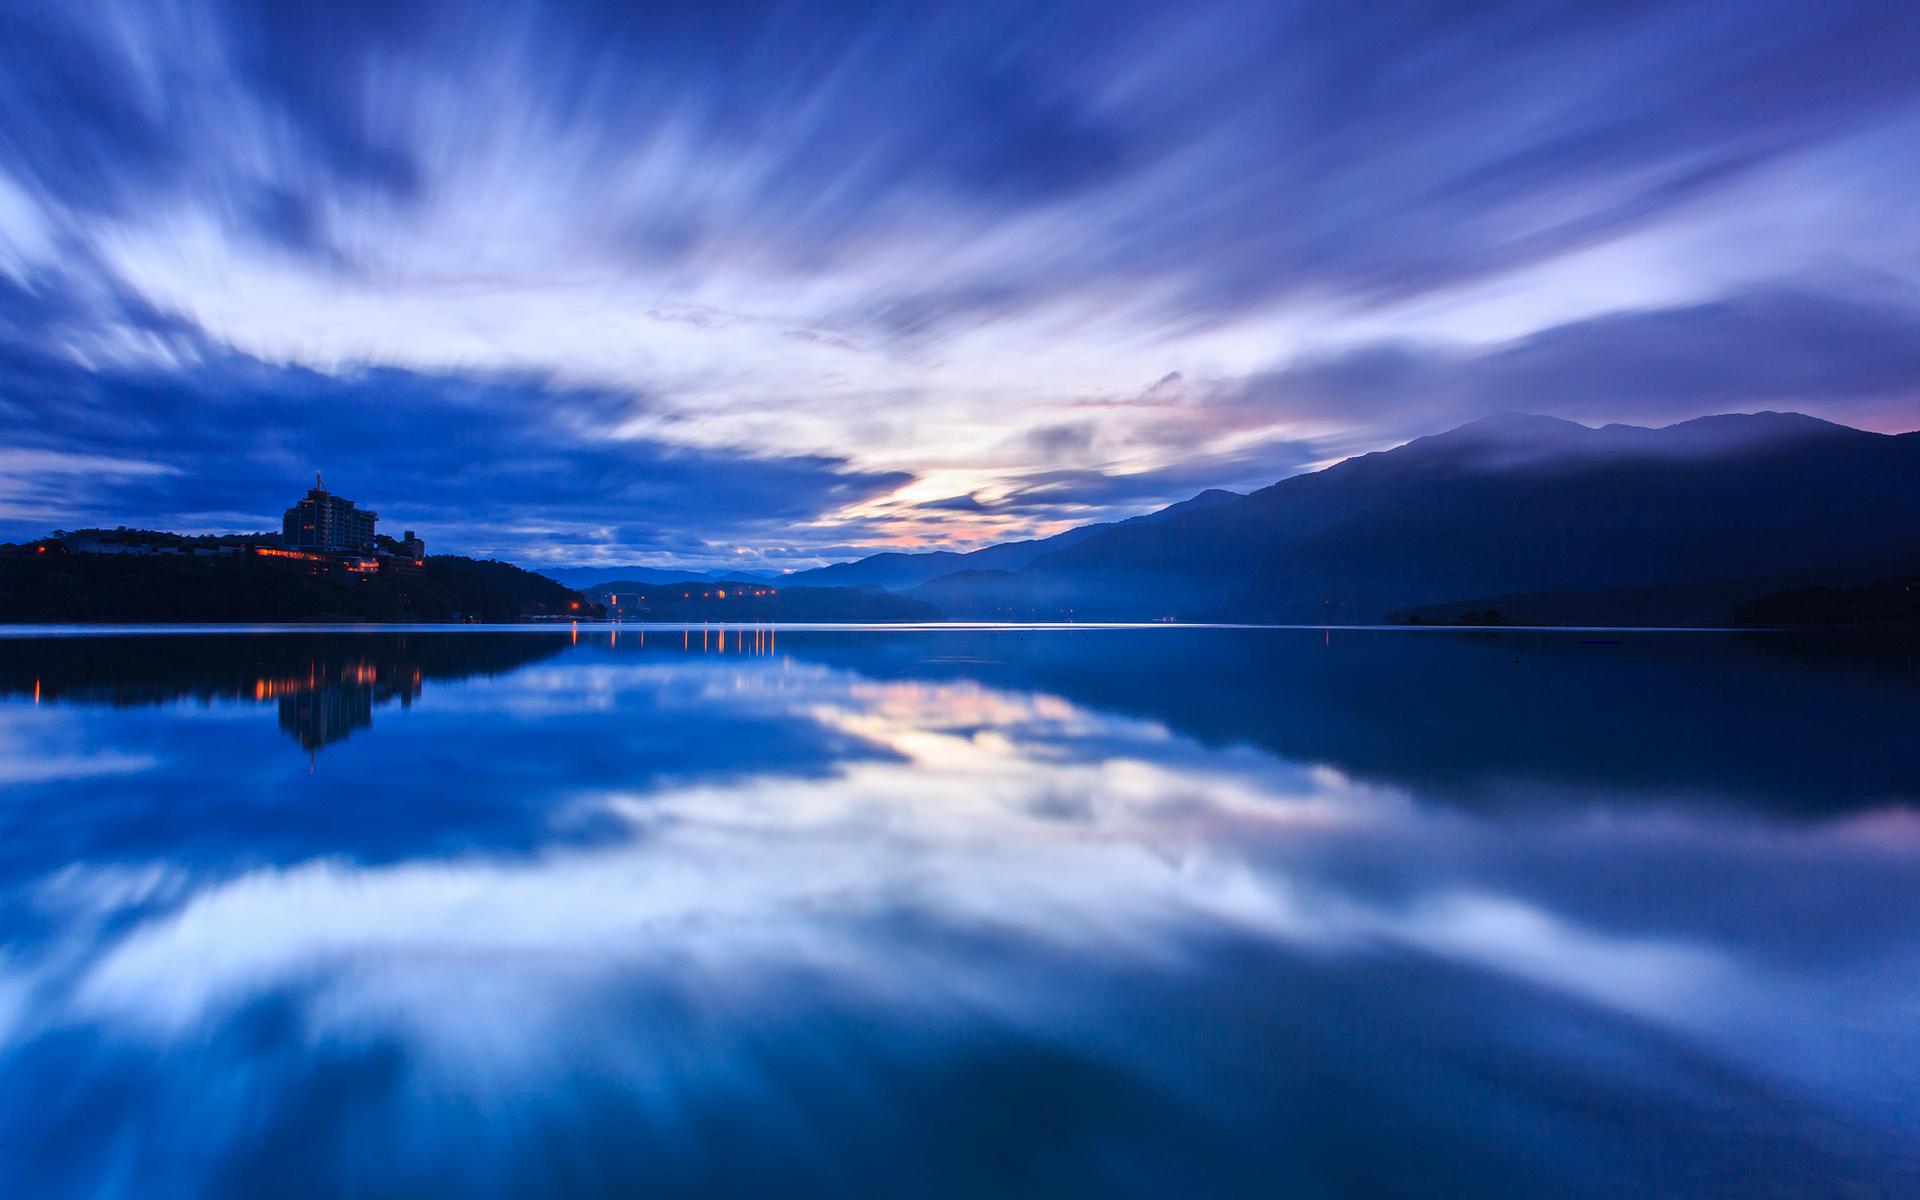 風雲動 Sun Moon Lake, Taiwan by Sam Yaoo - Desktop Wallpaper: https://www.socwall.com/desktop-wallpaper/38465/sun-moon-lake...